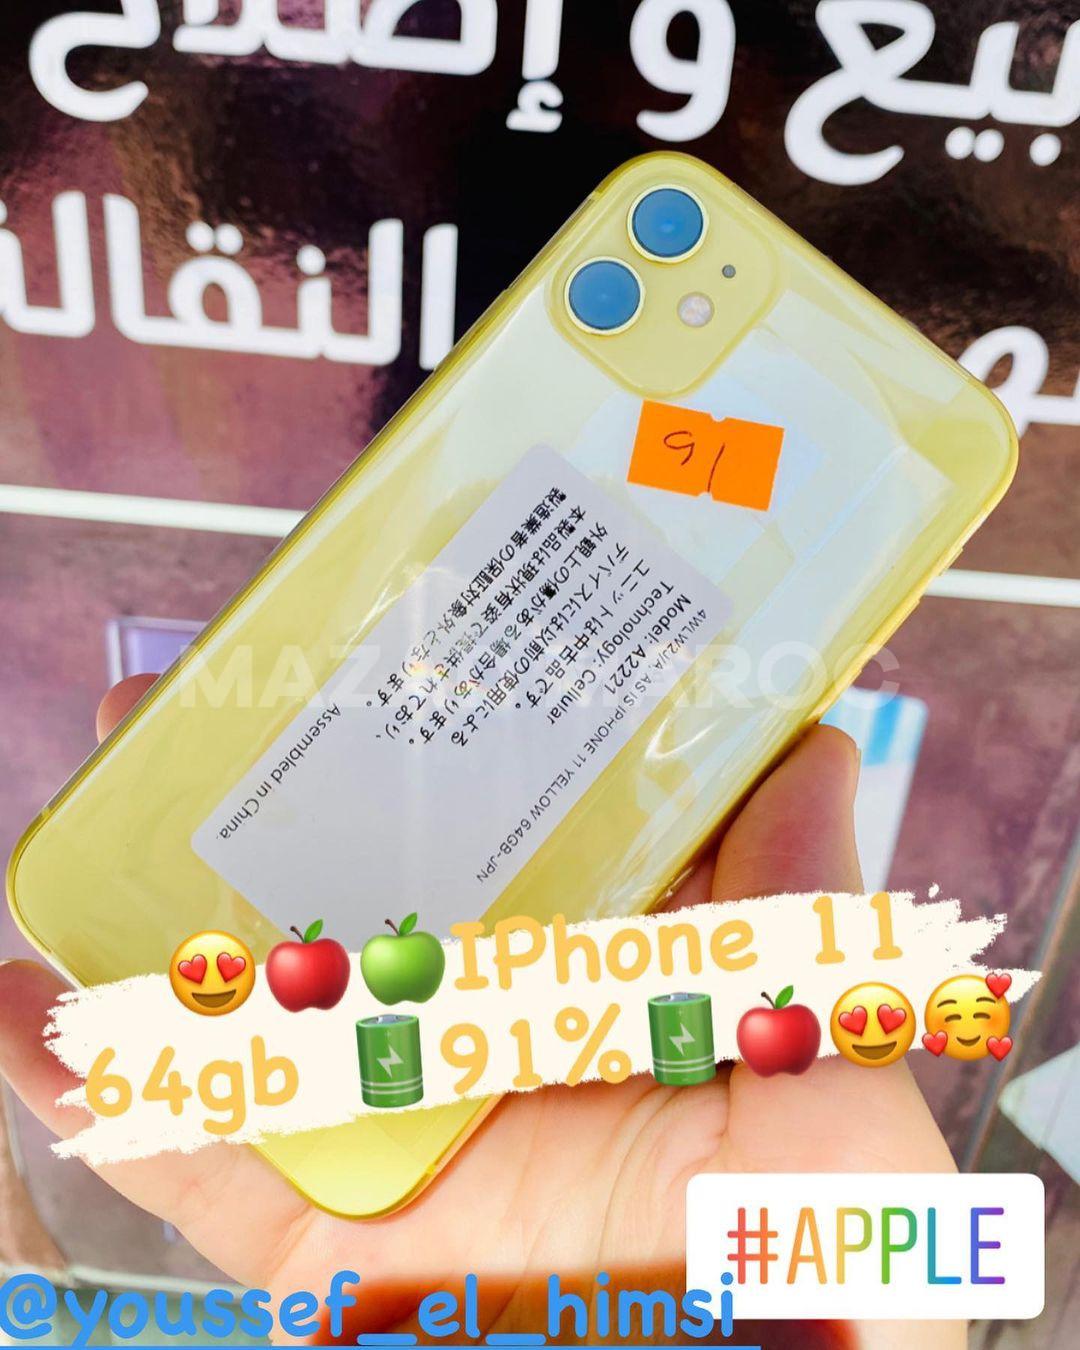 IPhone 11 64gb 91%